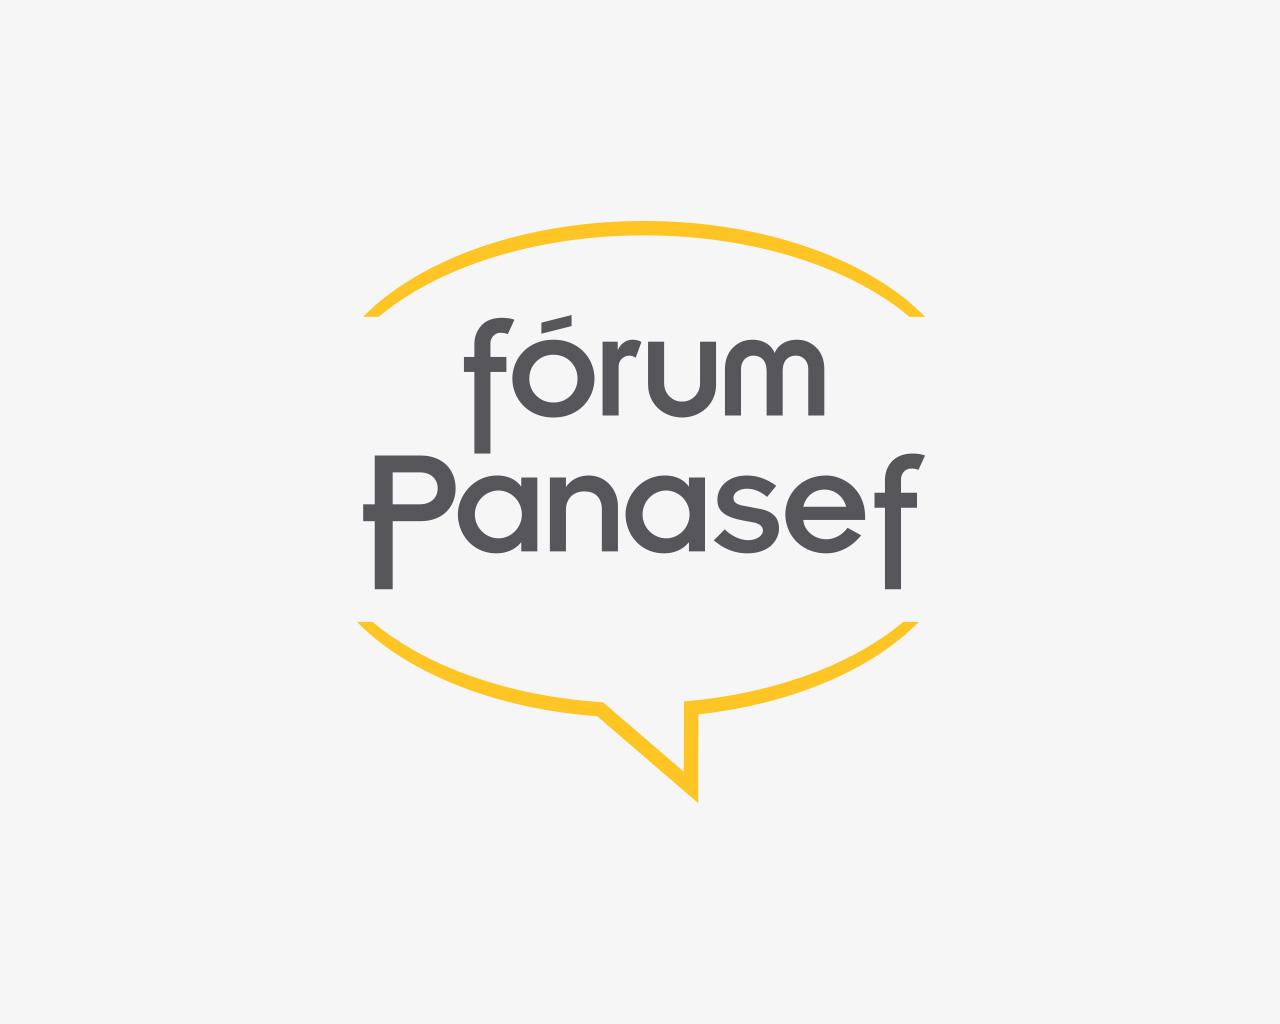 Logo del Fórum Panasef - Diseñado por Momo & Cía.